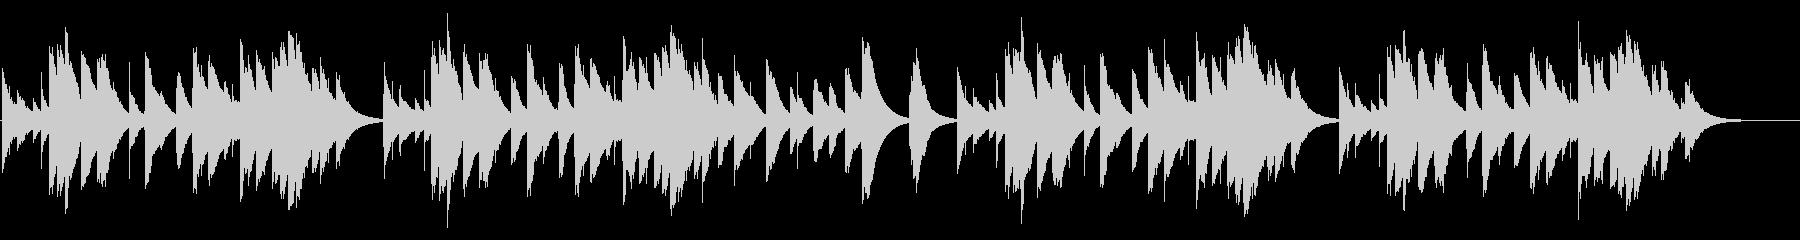 赤とんぼ カード式オルゴールの未再生の波形